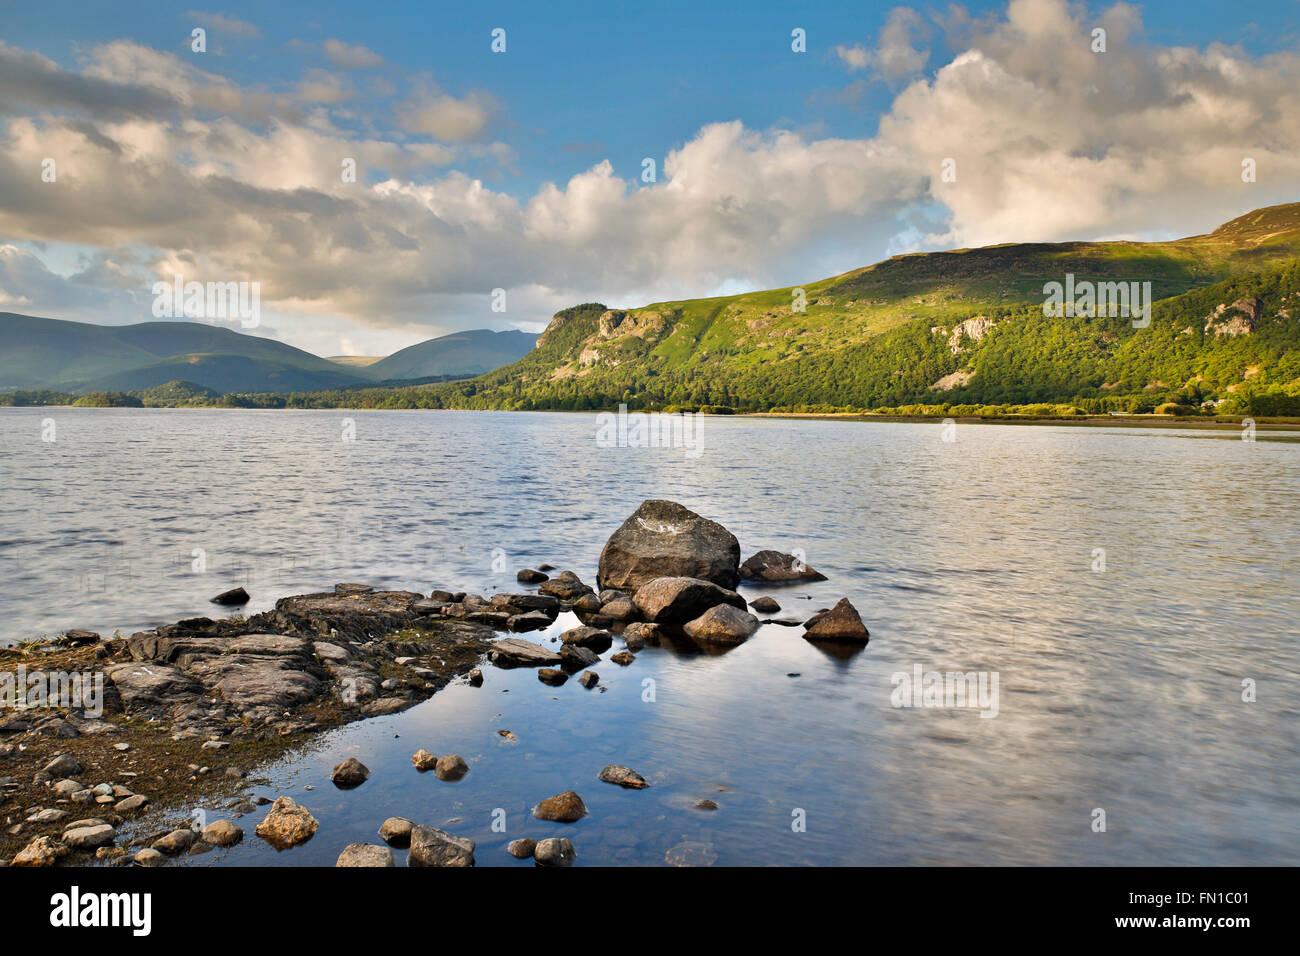 Derwent Water; Cumbria; UK - Stock Image